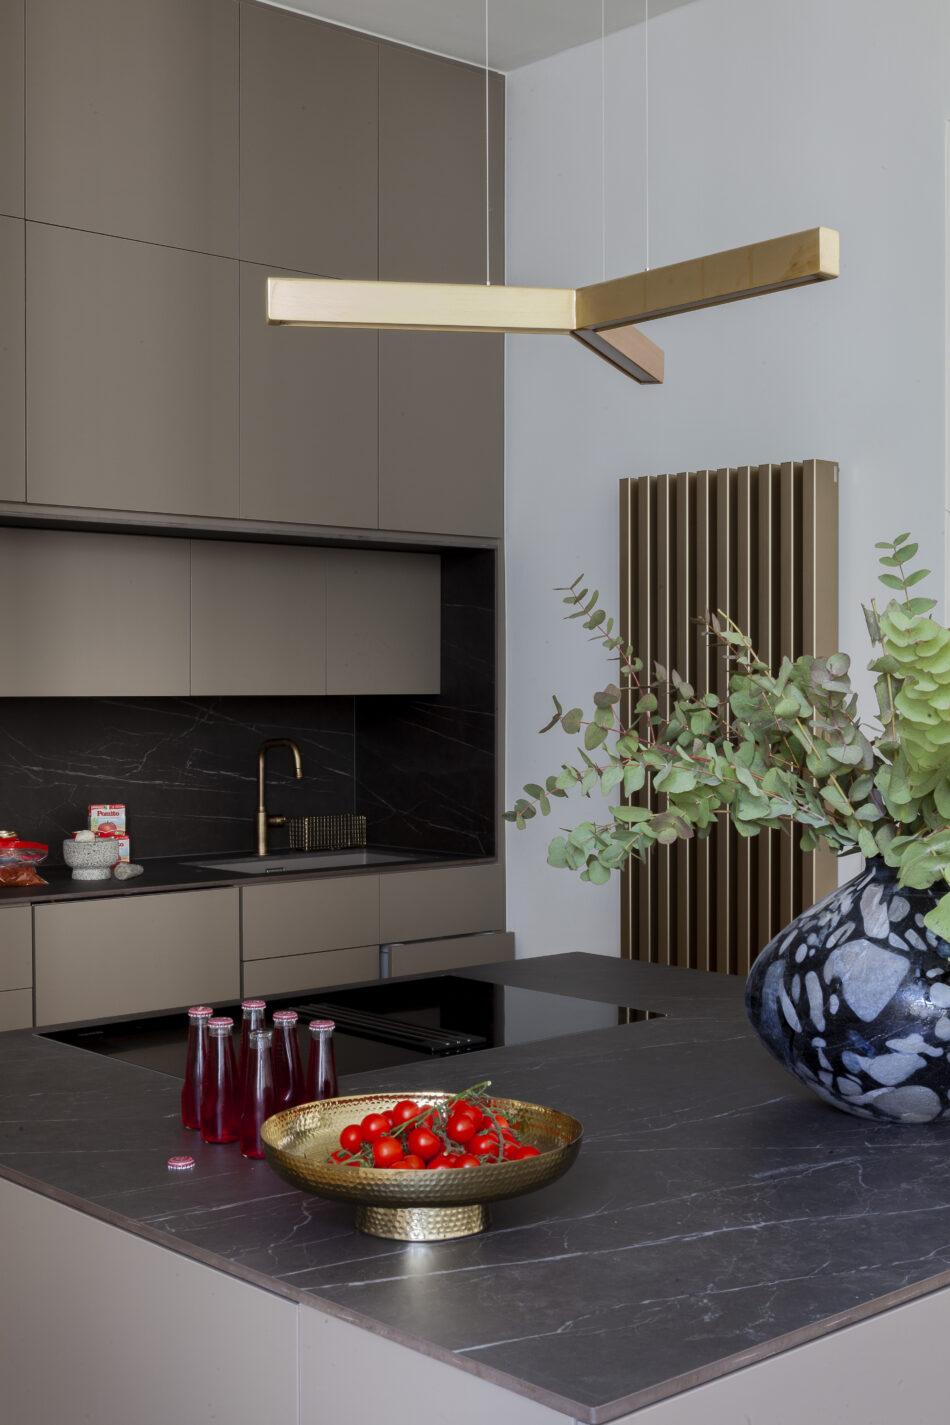 Antonius Schimmelbusch_Apartment_Berlin_Anne-Catherine Scoffoni_privat_09